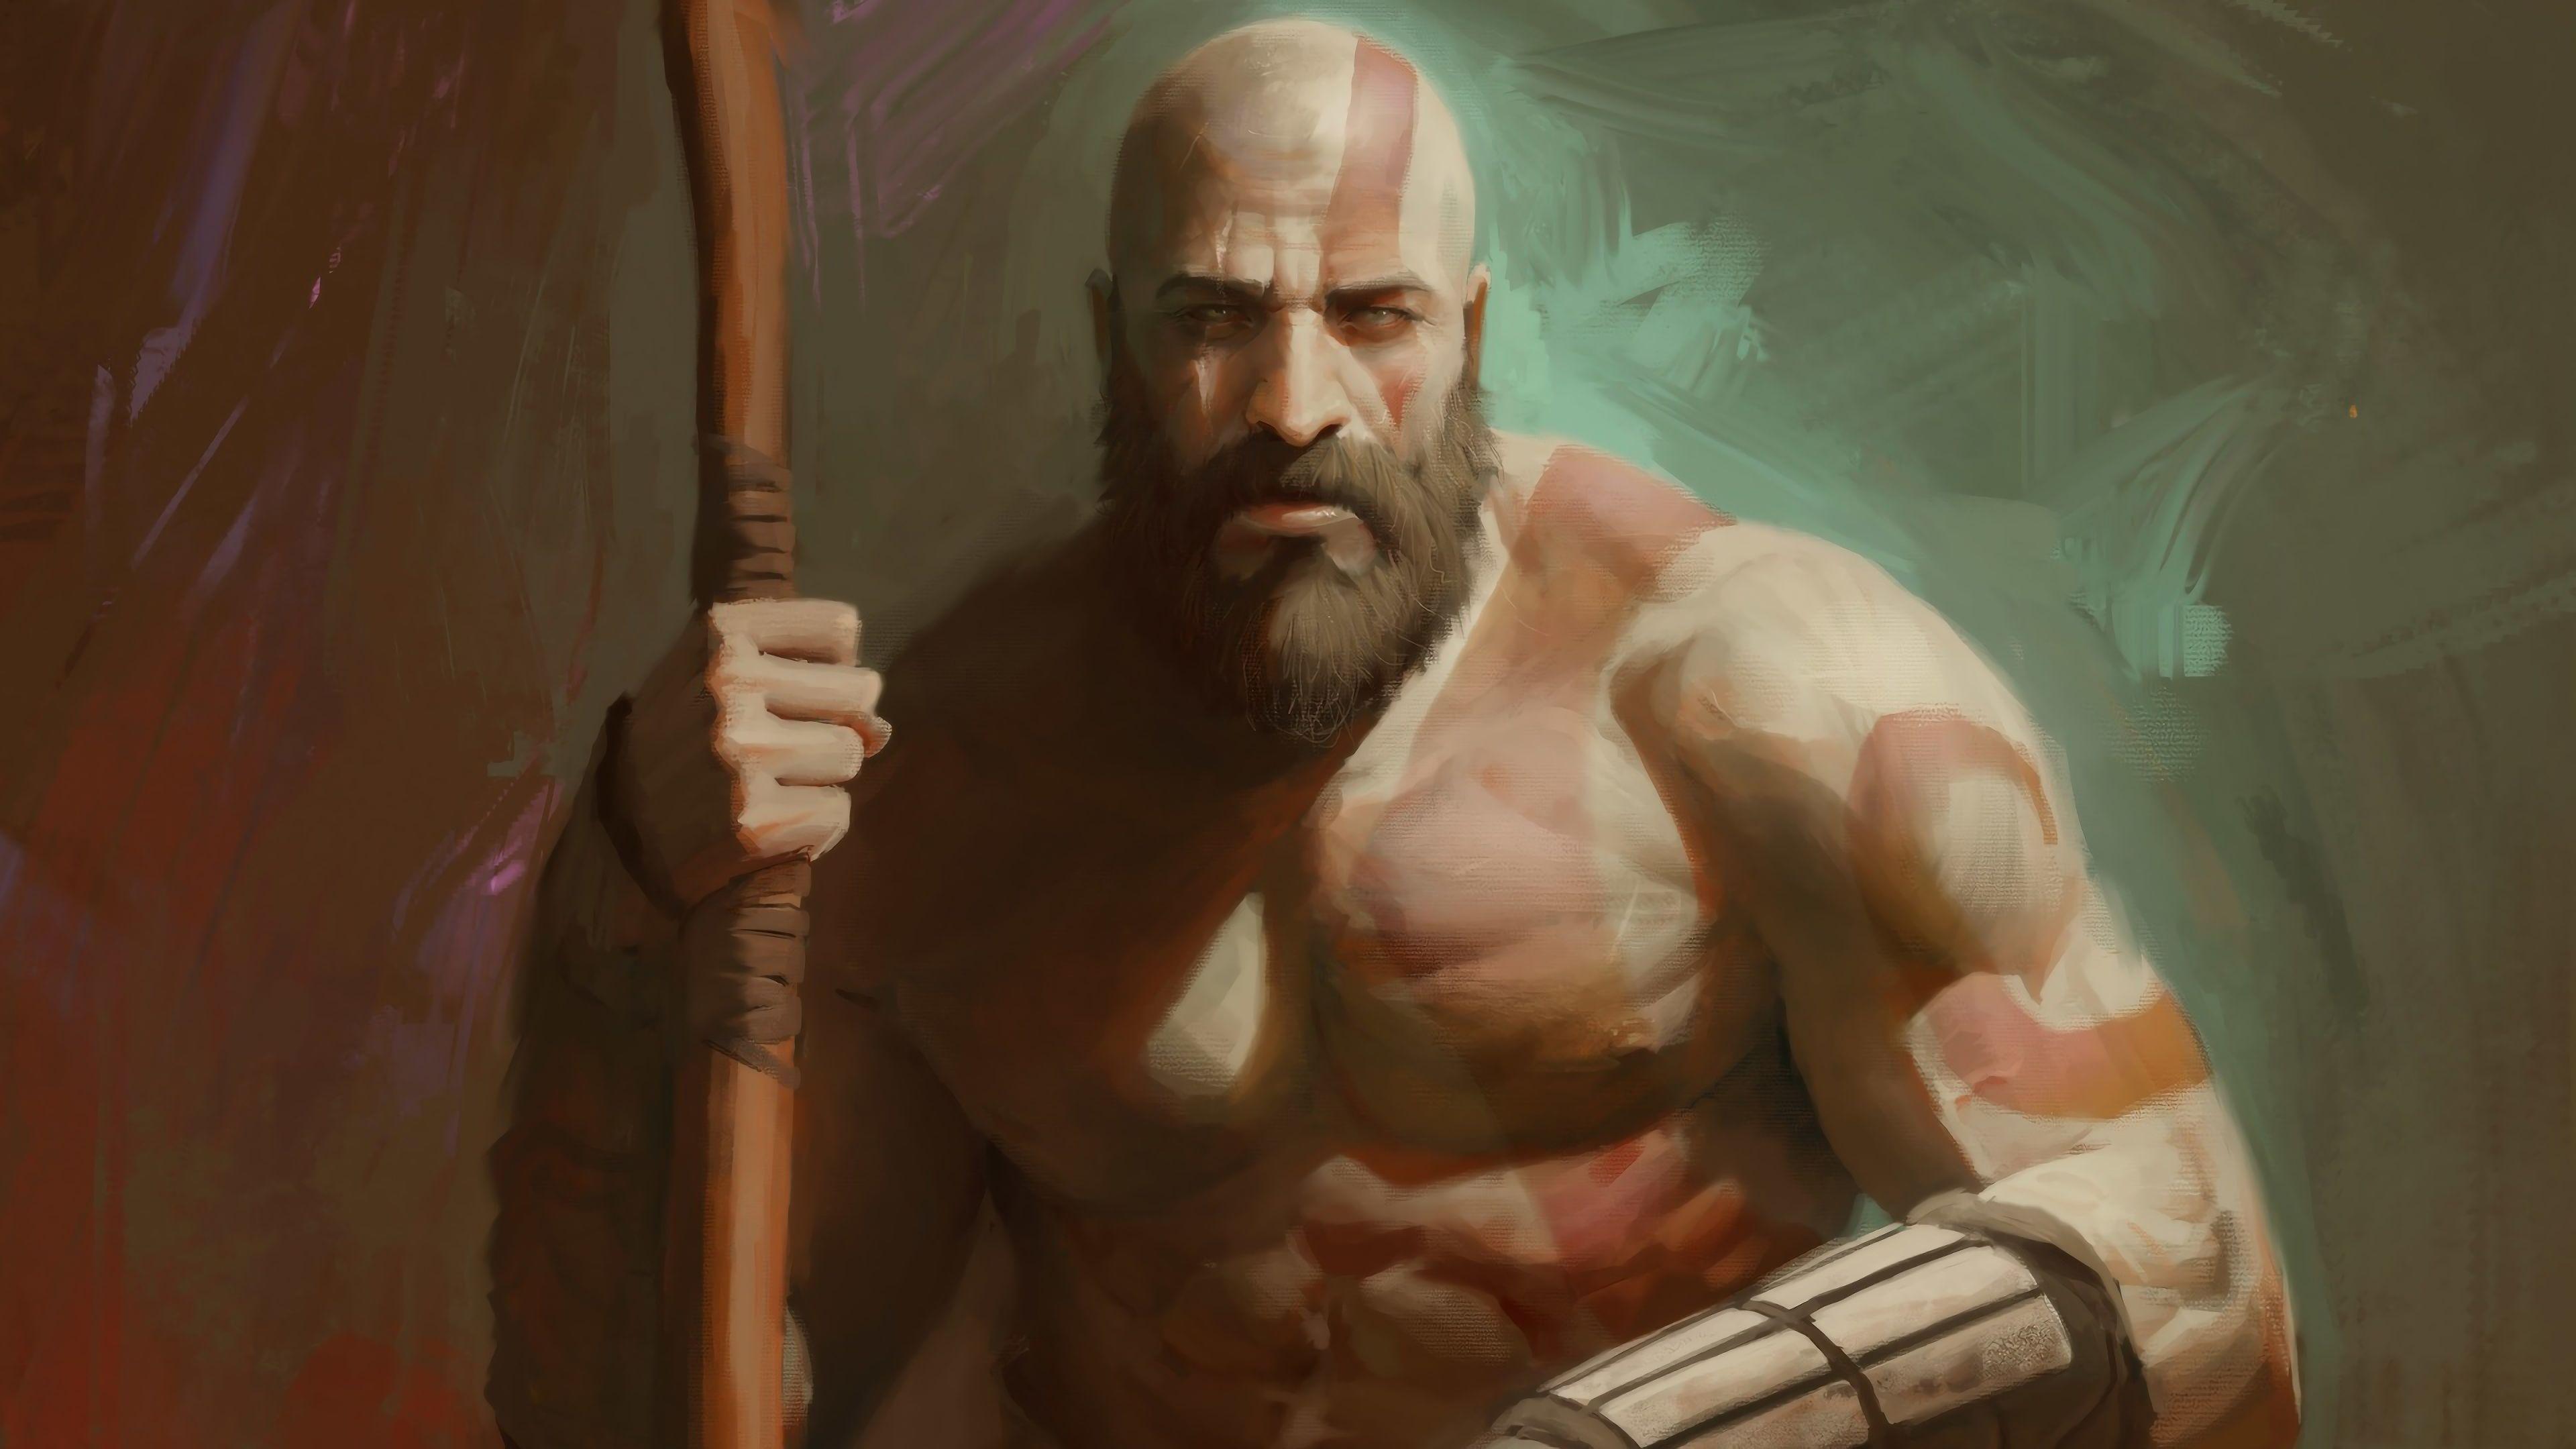 Kratos God Of War 4 Ps4 Video Game 2018 3840x2160